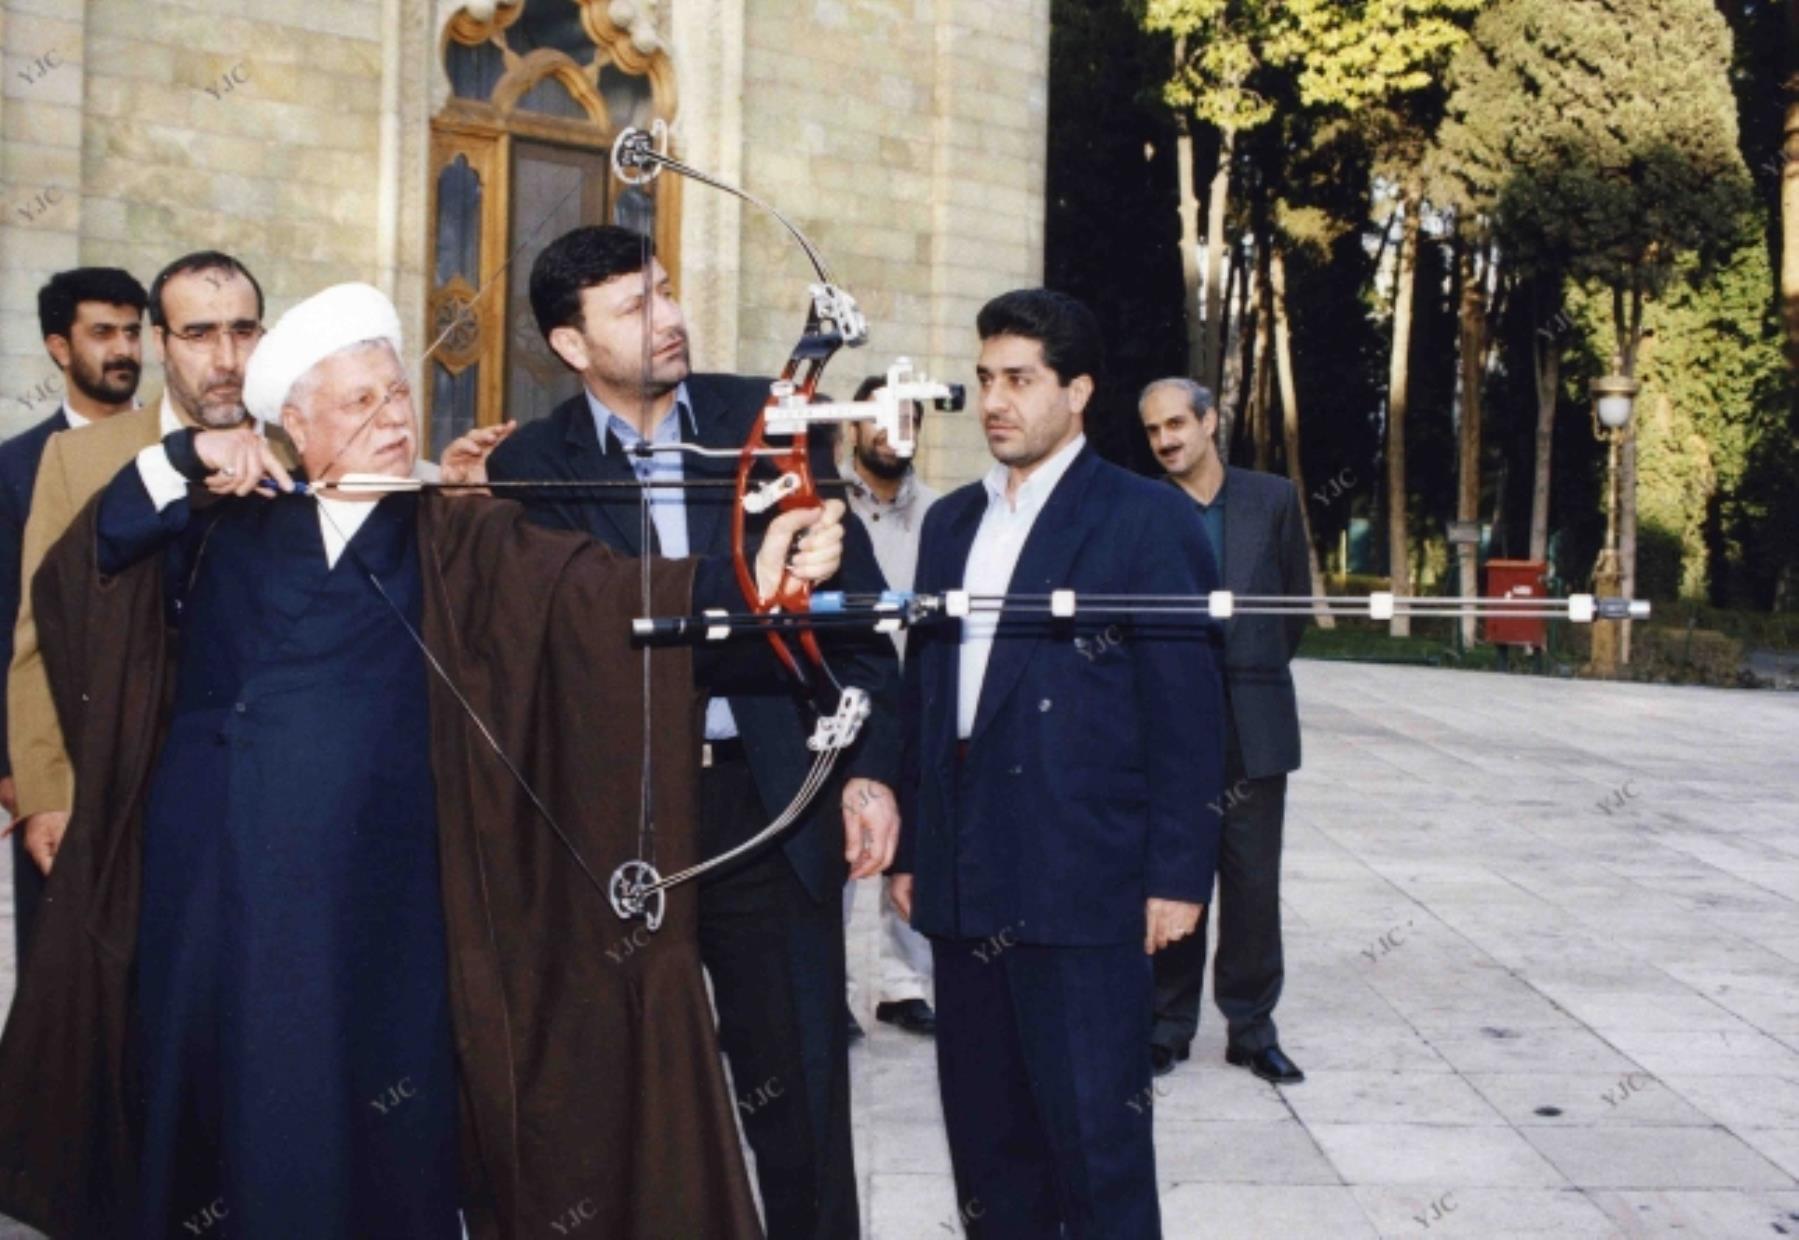 تکرار اشتباه تلخ هاشمی رفسنجانی توسط روحانی/ پای کارشناسان صندوق بینالمللی پول دوباره به ایران باز شد